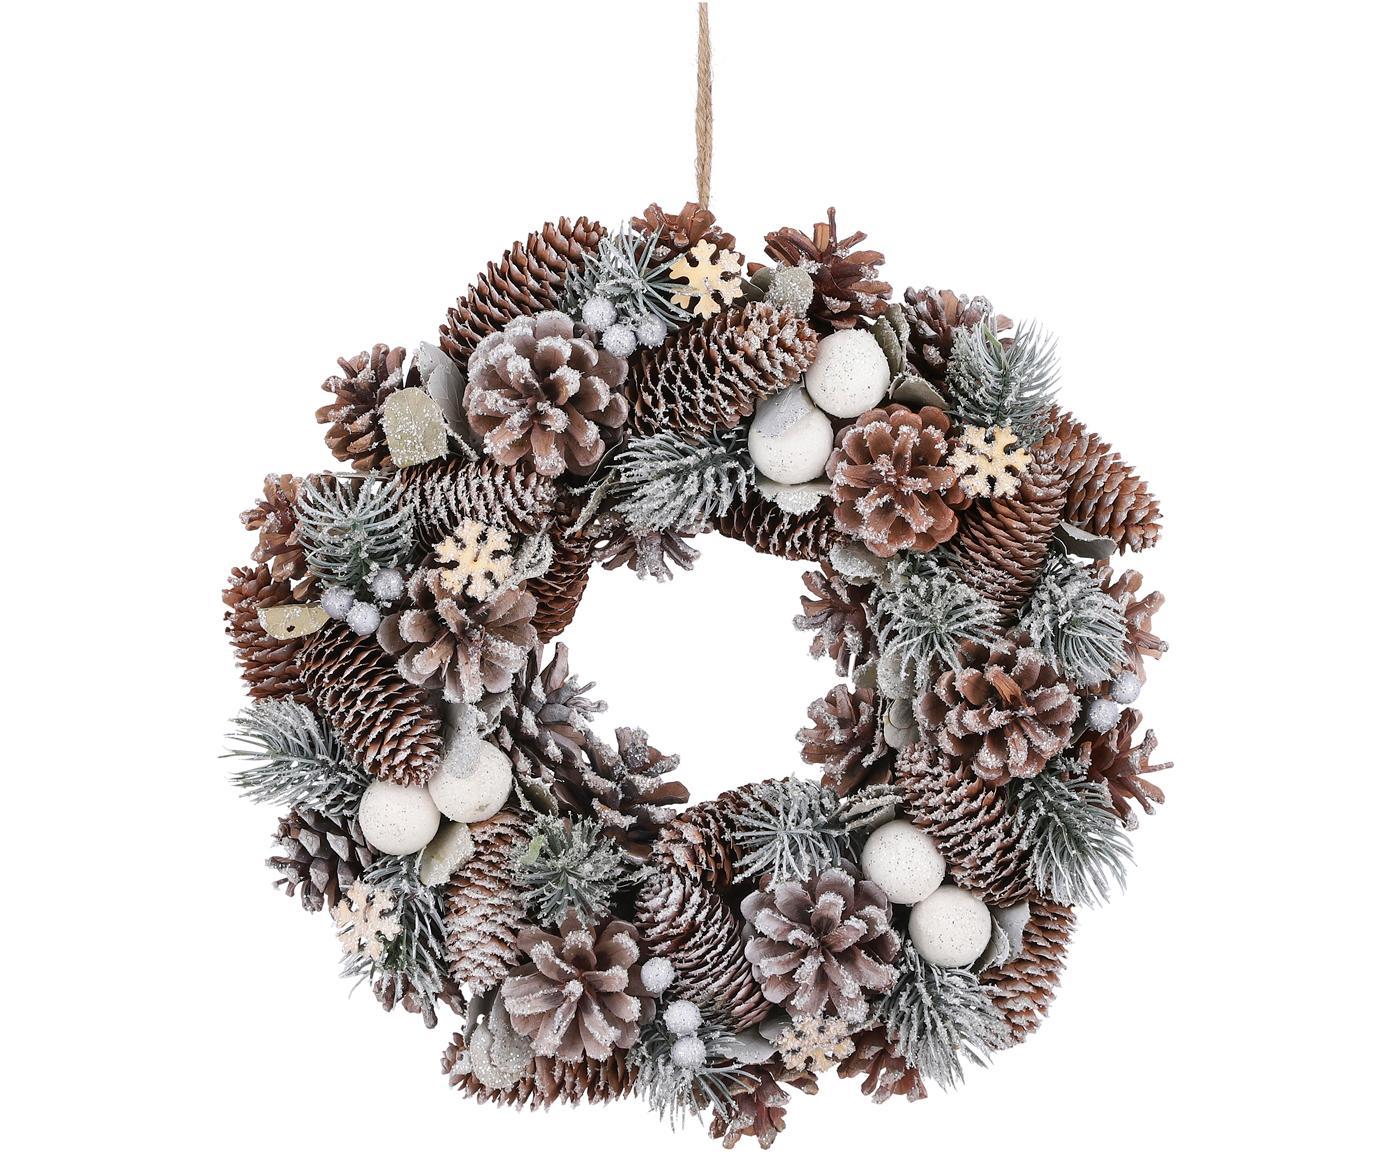 Kerstkrans Nicola, Natuurlijke vezels, Bruin, wit, groen, Ø 34 cm